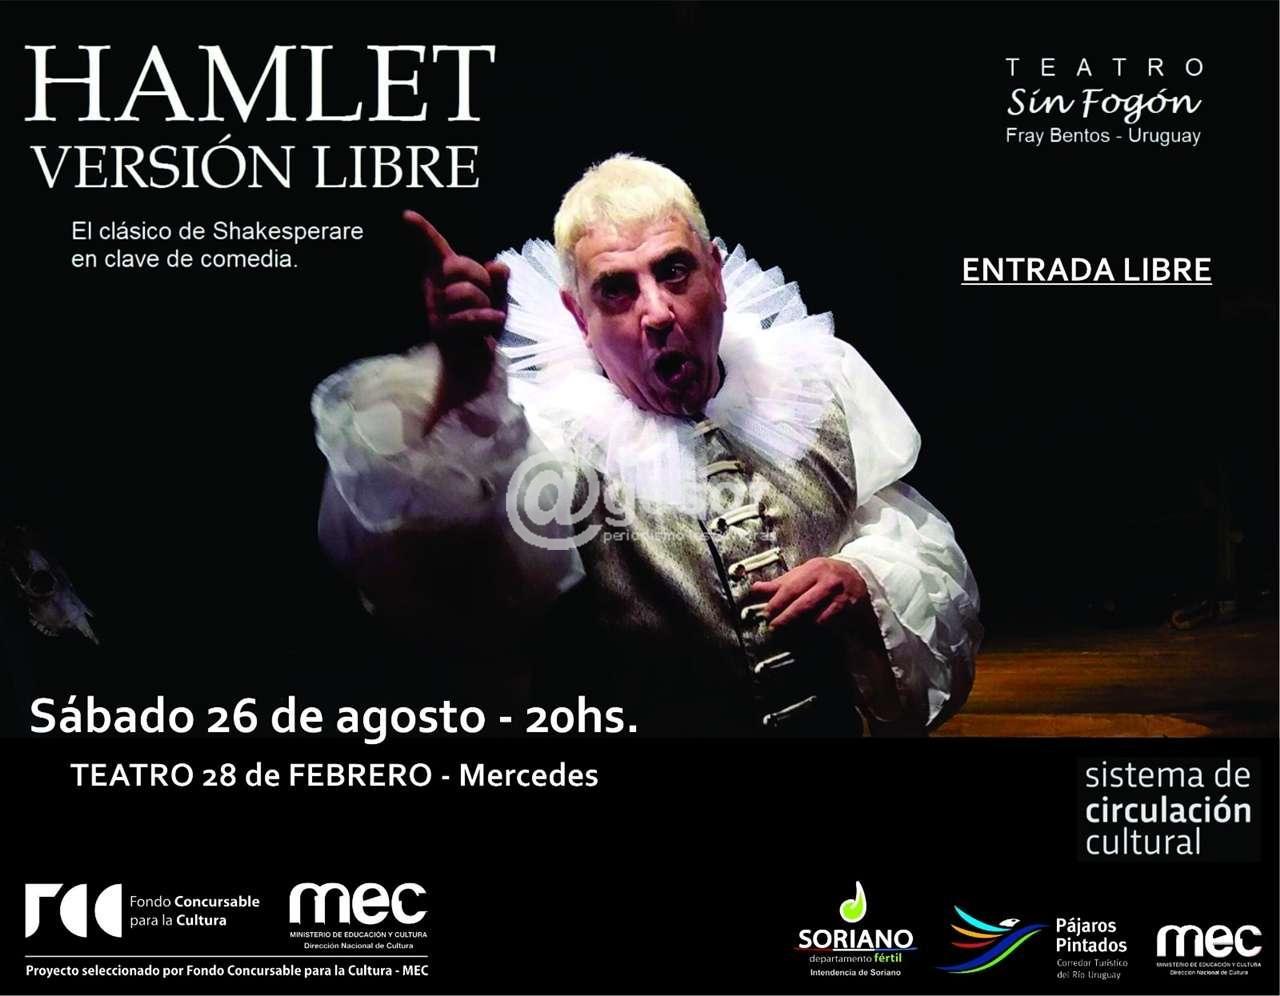 AGESOR - Este sábado 'La tragedia de Hamlet' en versión